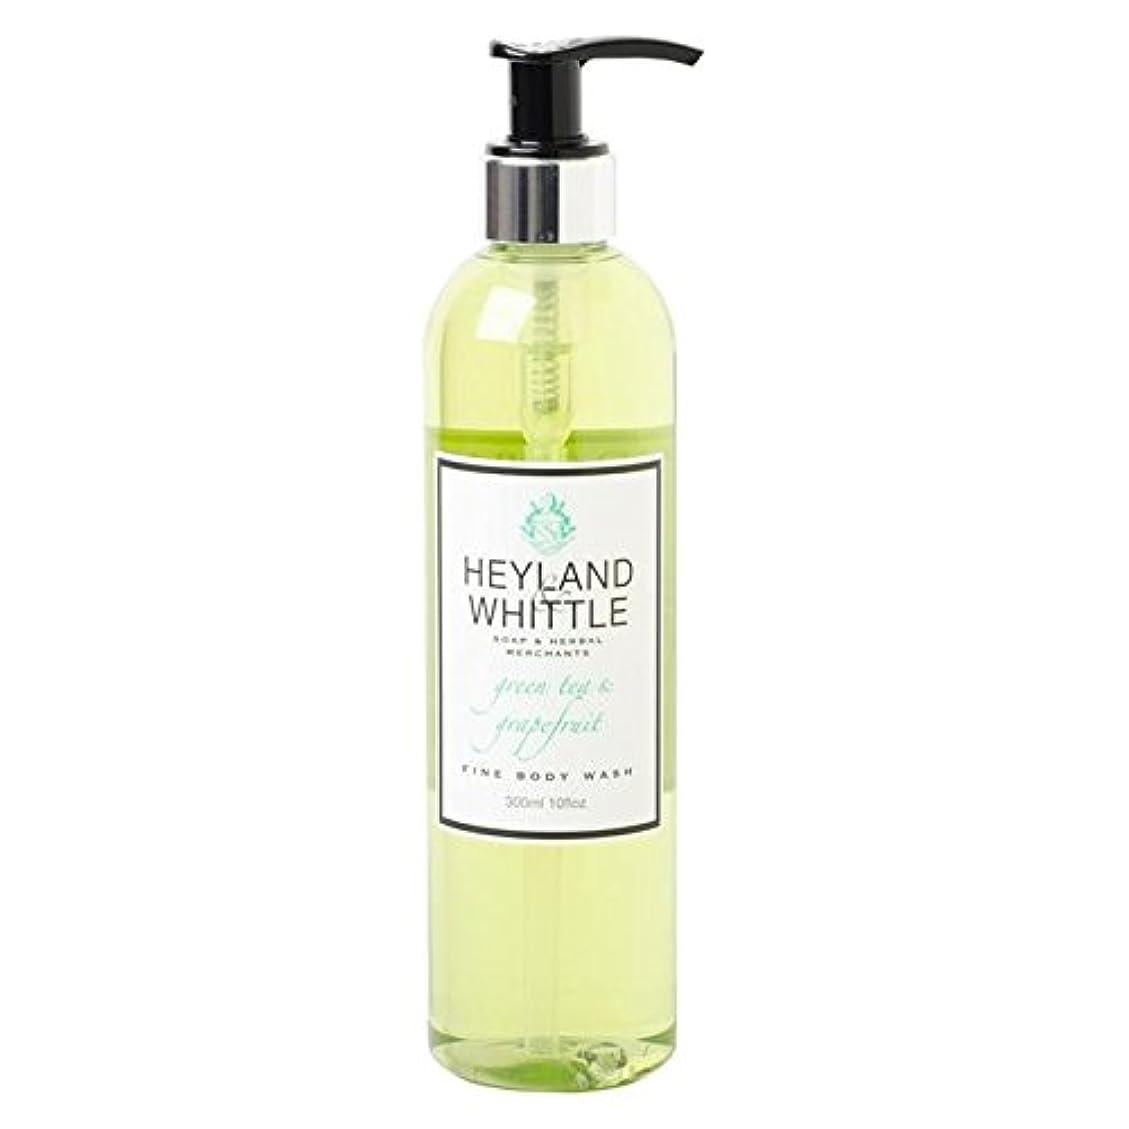 ガス定常入浴Heyland & Whittle Greentea & Grapefruit Body Wash 300ml - &削るグリーンティ&グレープフルーツボディウォッシュ300ミリリットル [並行輸入品]